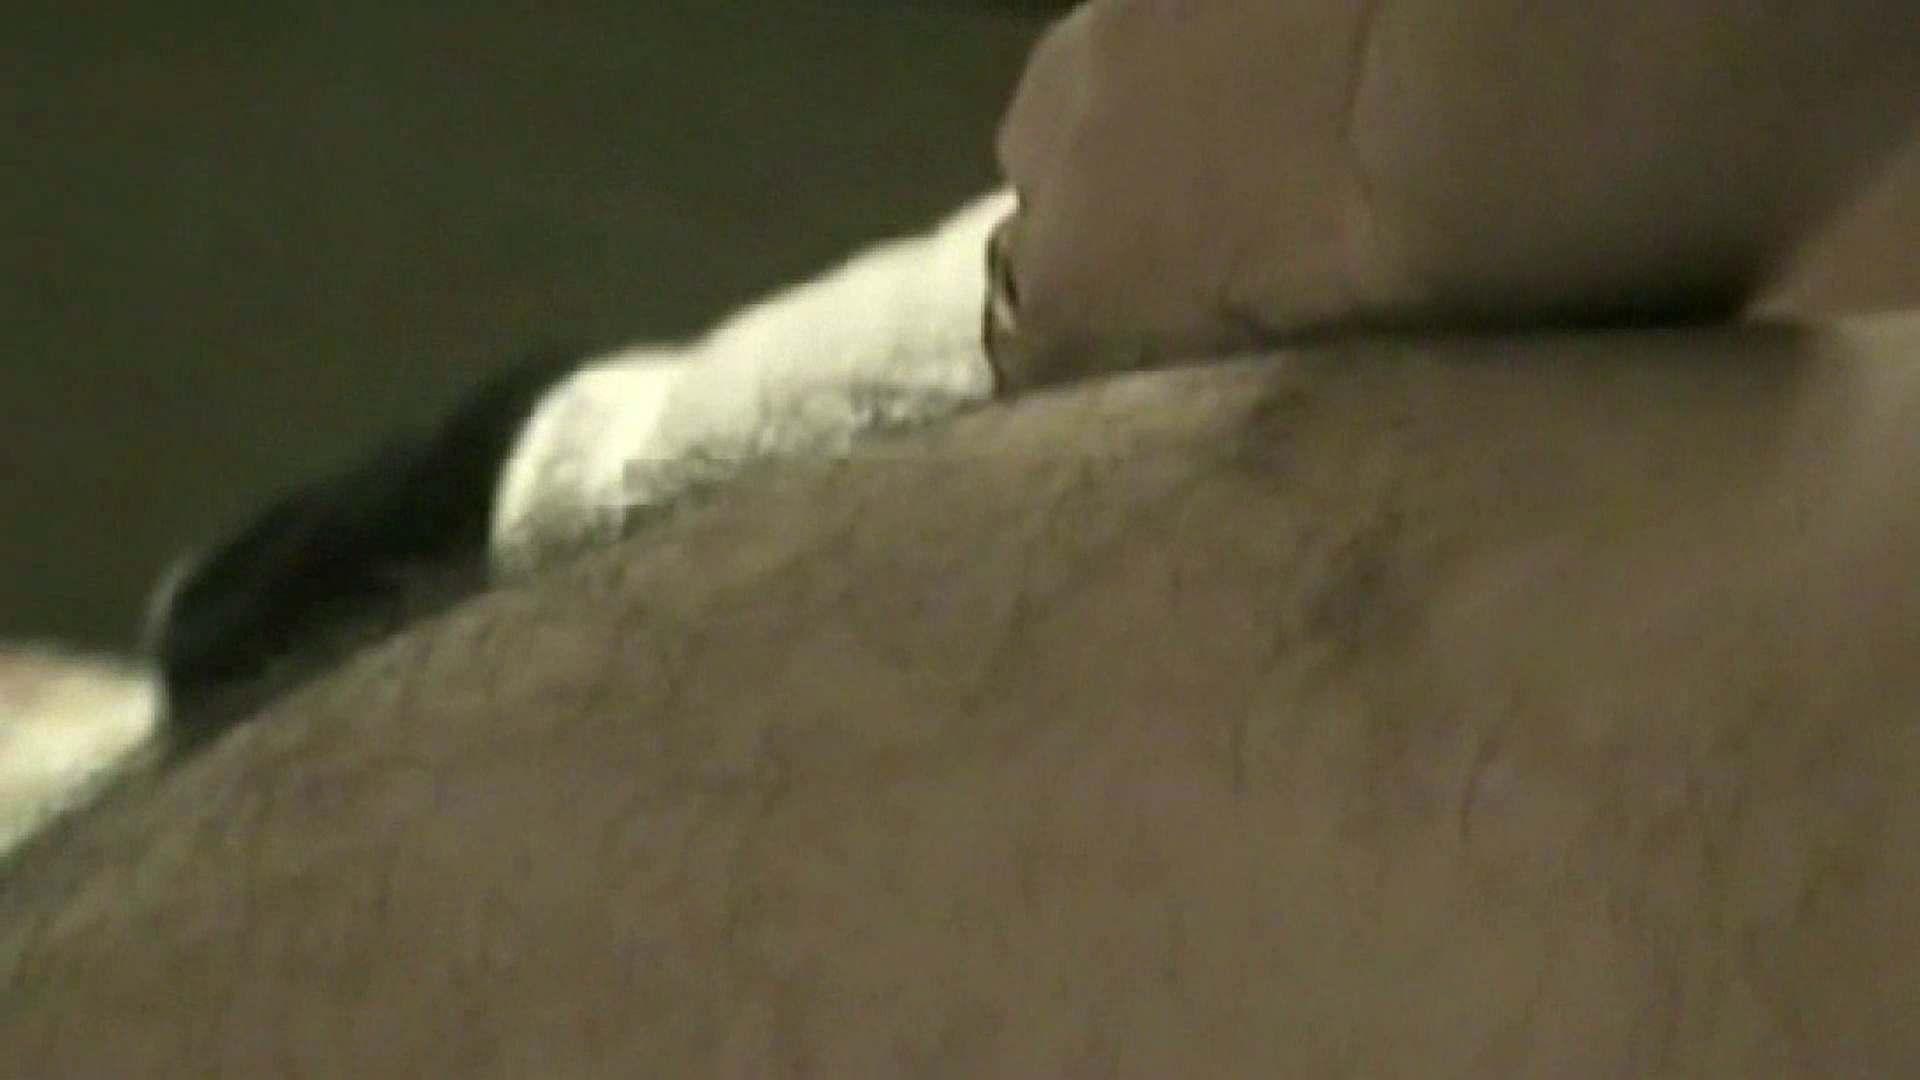 最愛の妻 TAKAKO 愛のSEX Vol.01 熟女のエッチ エロ無料画像 111pic 111